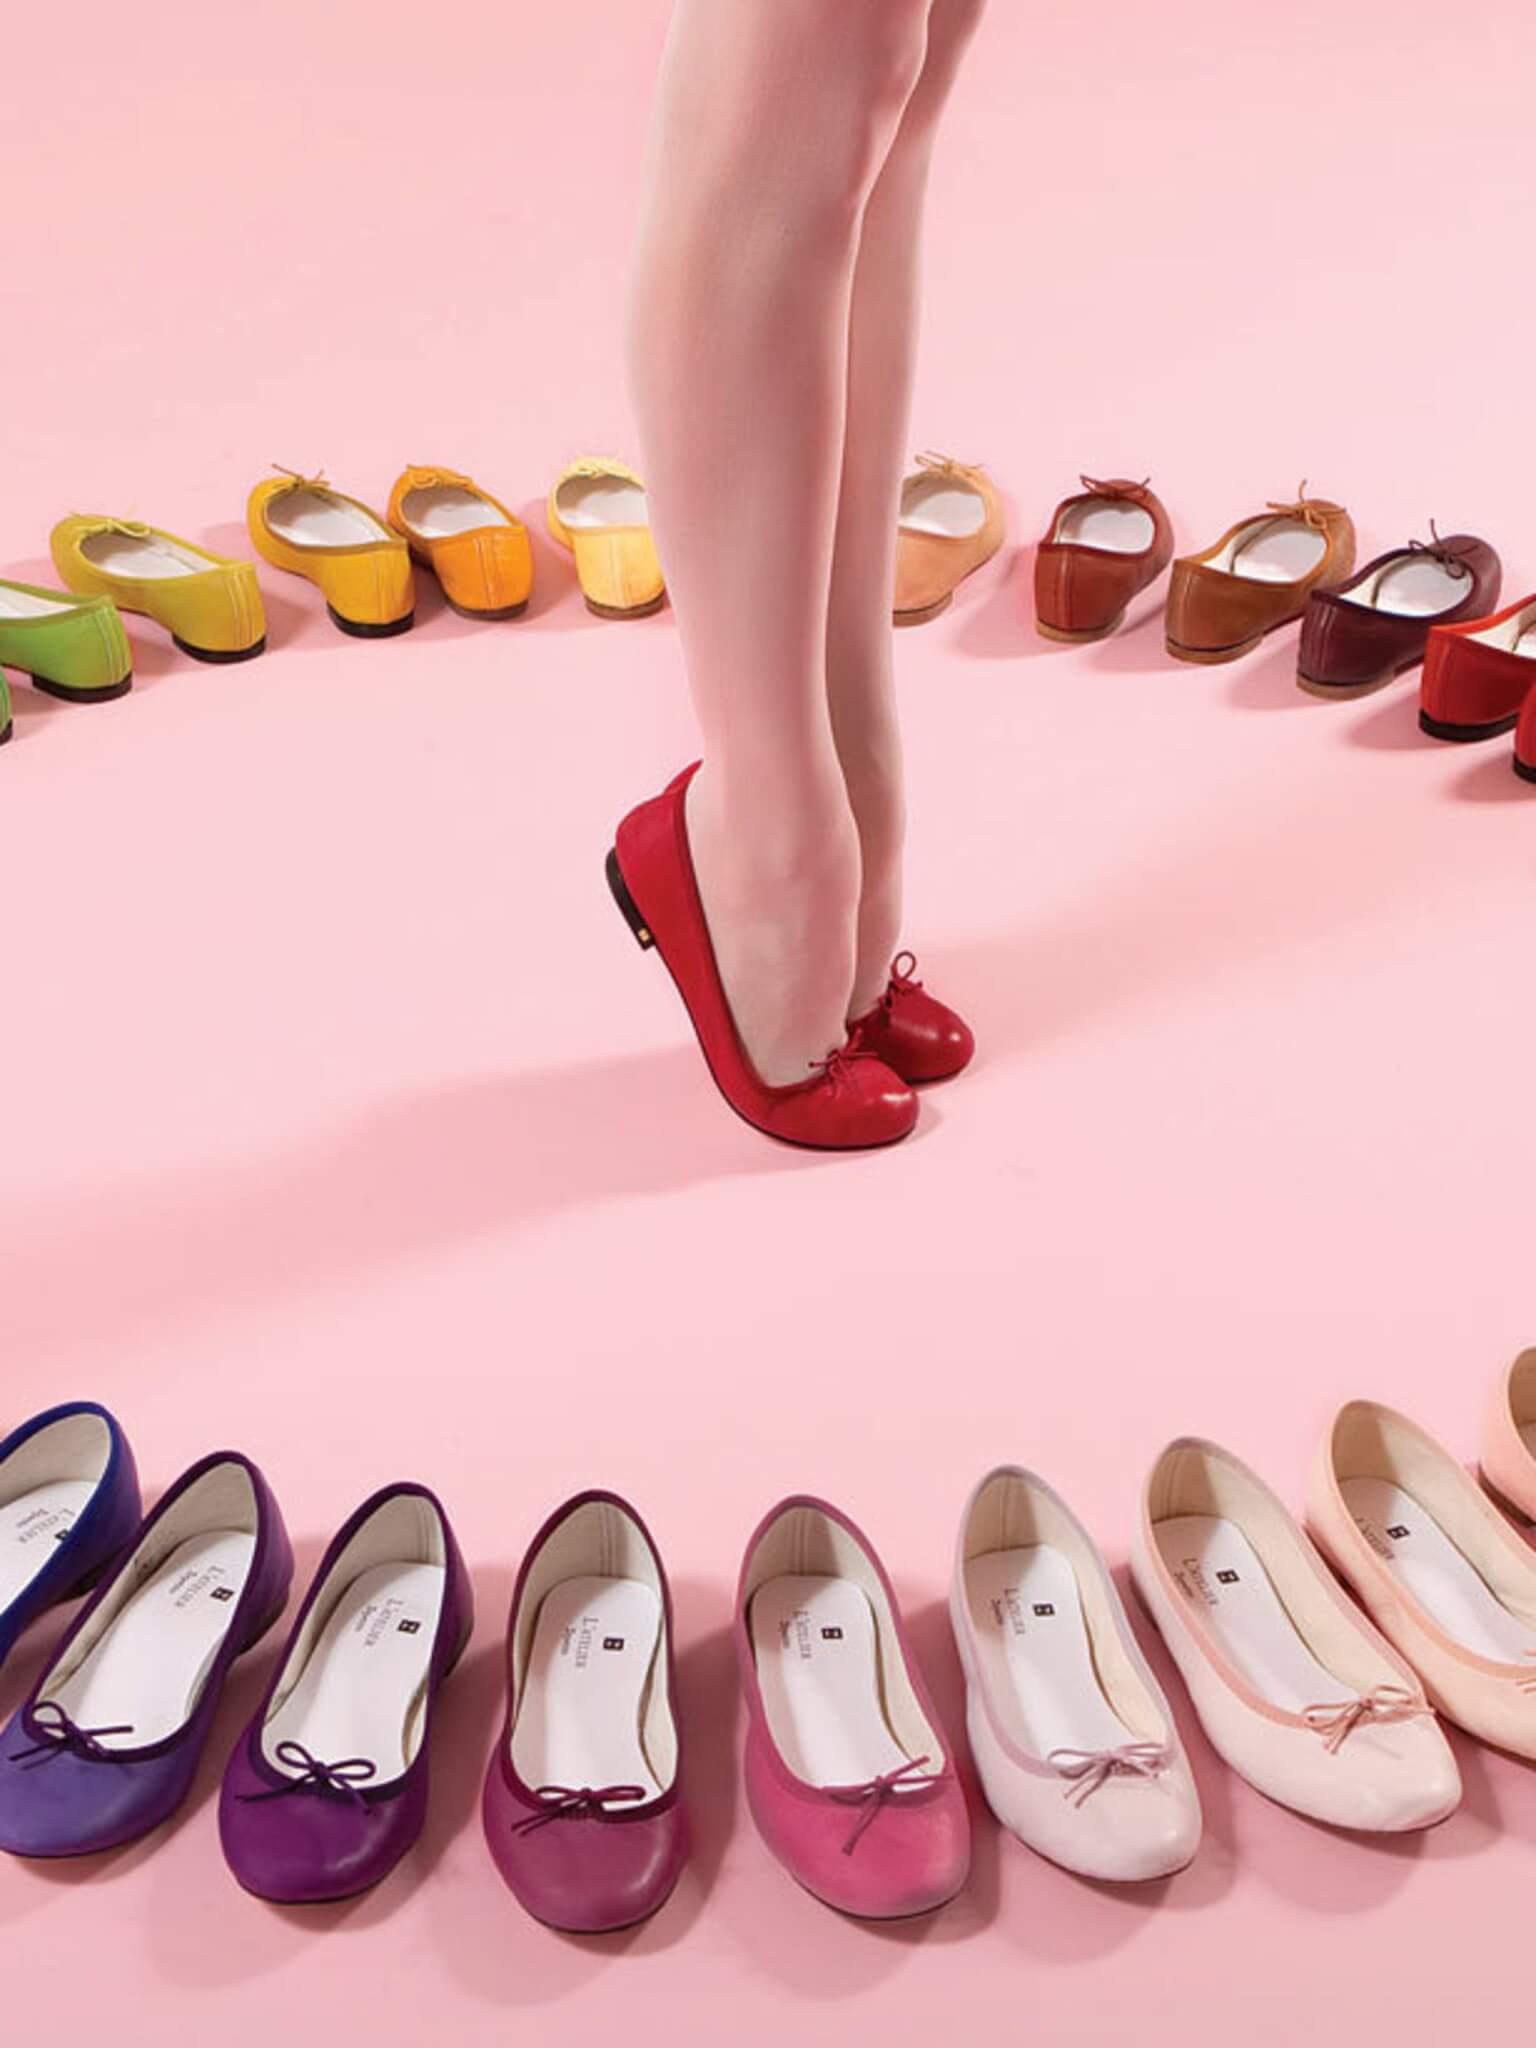 法國鞋履品牌Repetto正是以芭蕾舞鞋聞名於世